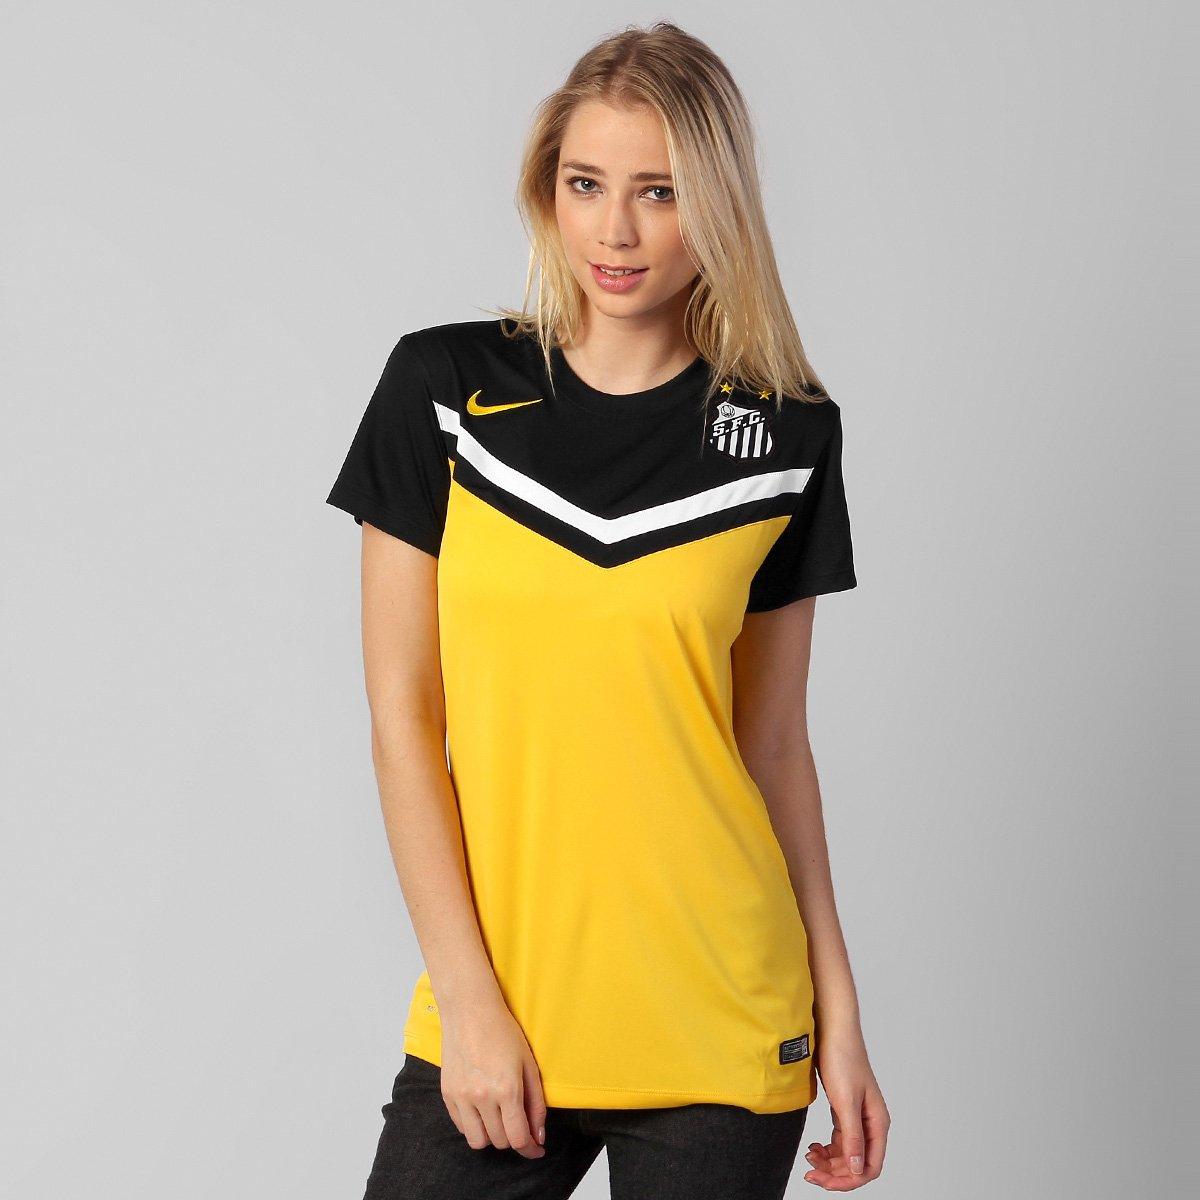 334ad12e33 Camisa Feminina Nike Santos III 2014 s nº - Compre Agora